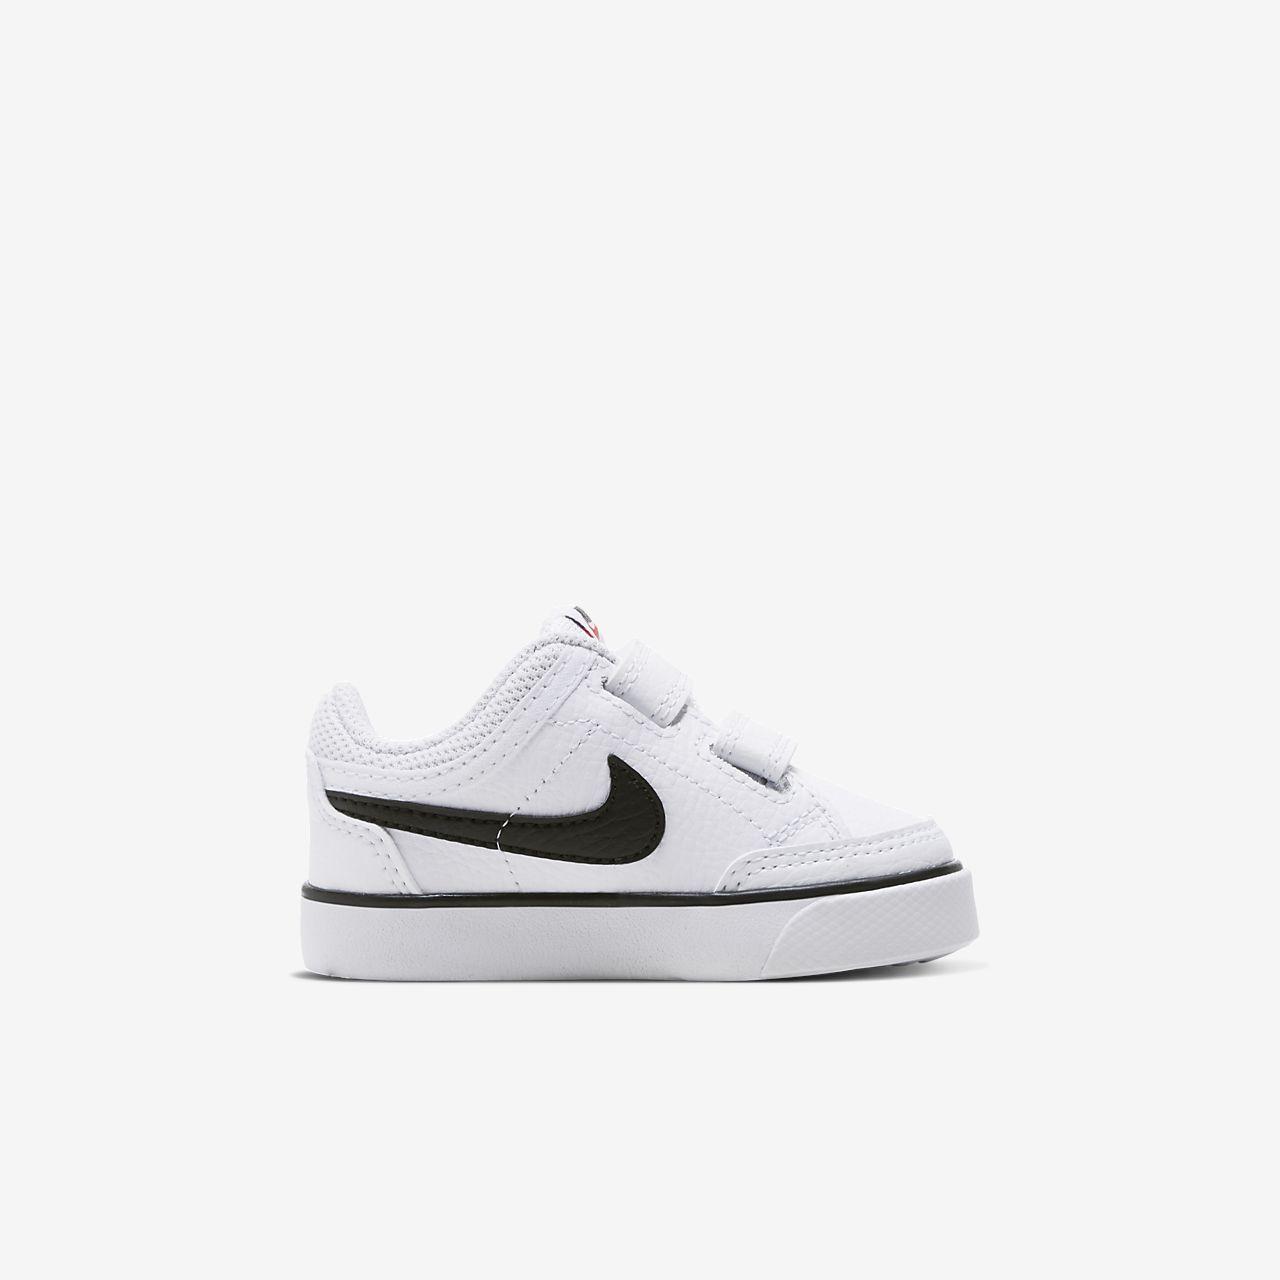 ... Nike Capri 3 Baby & Toddler Shoe